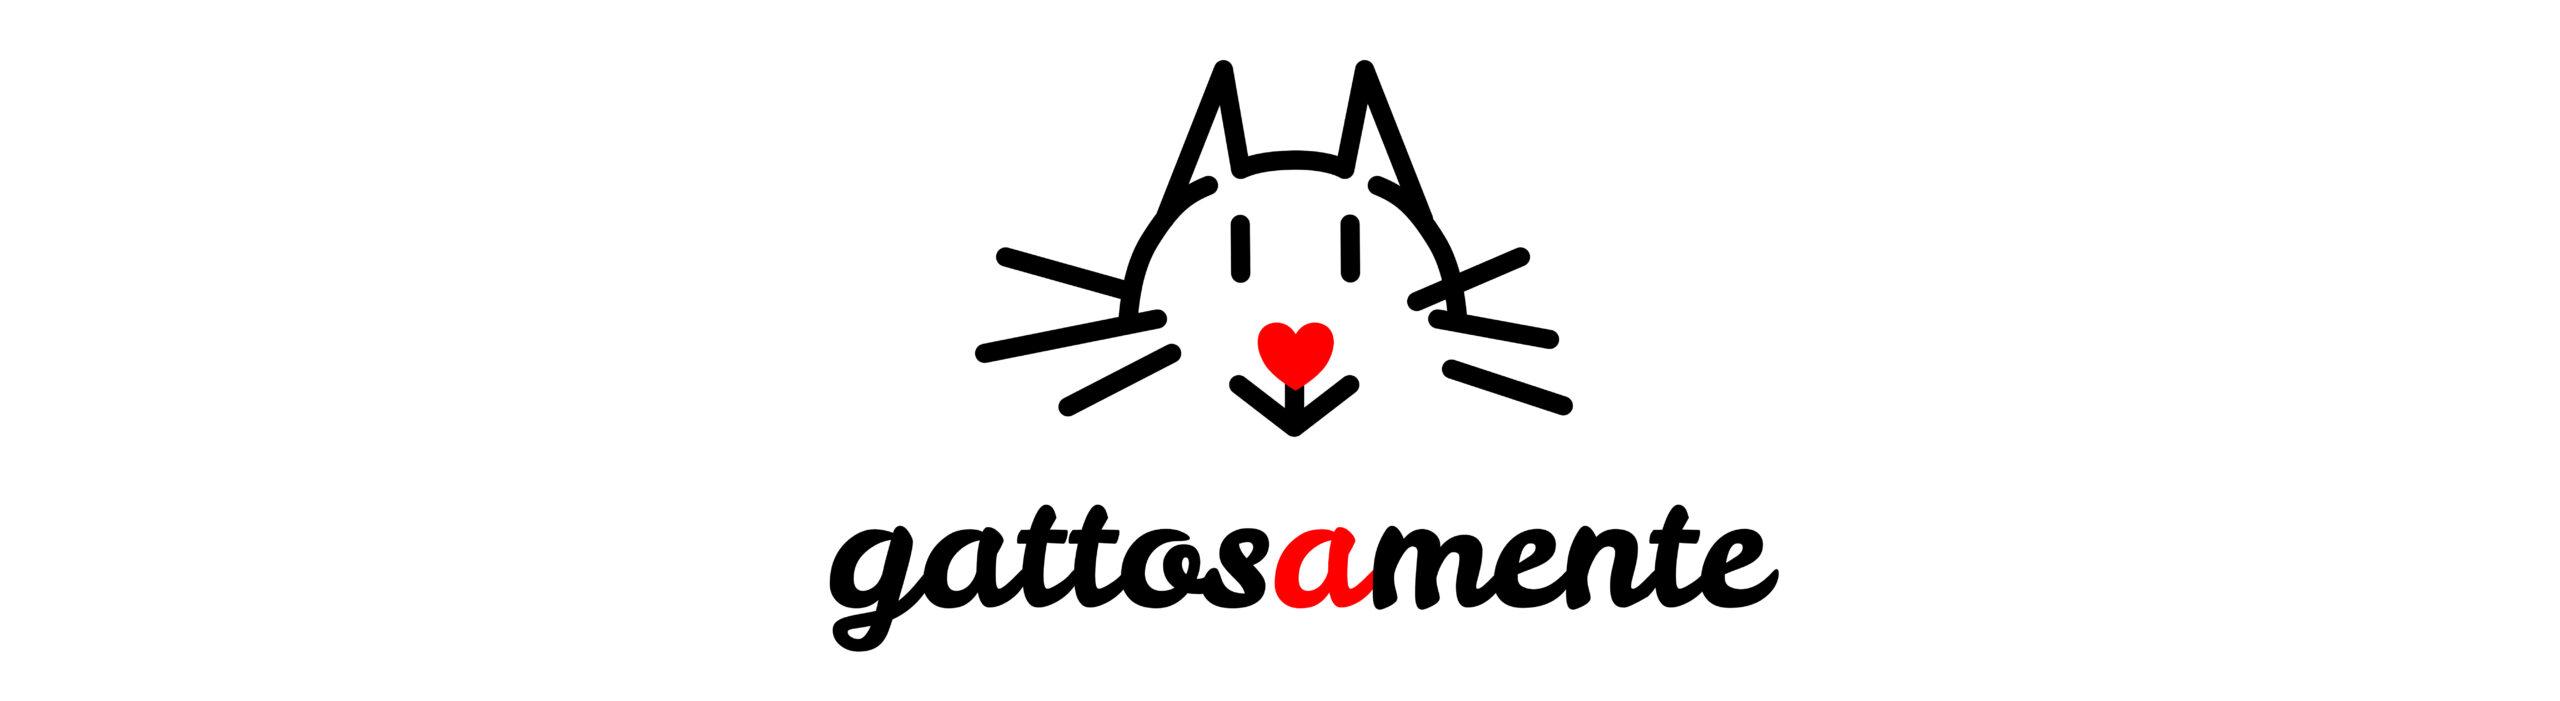 Logo Gattosamente